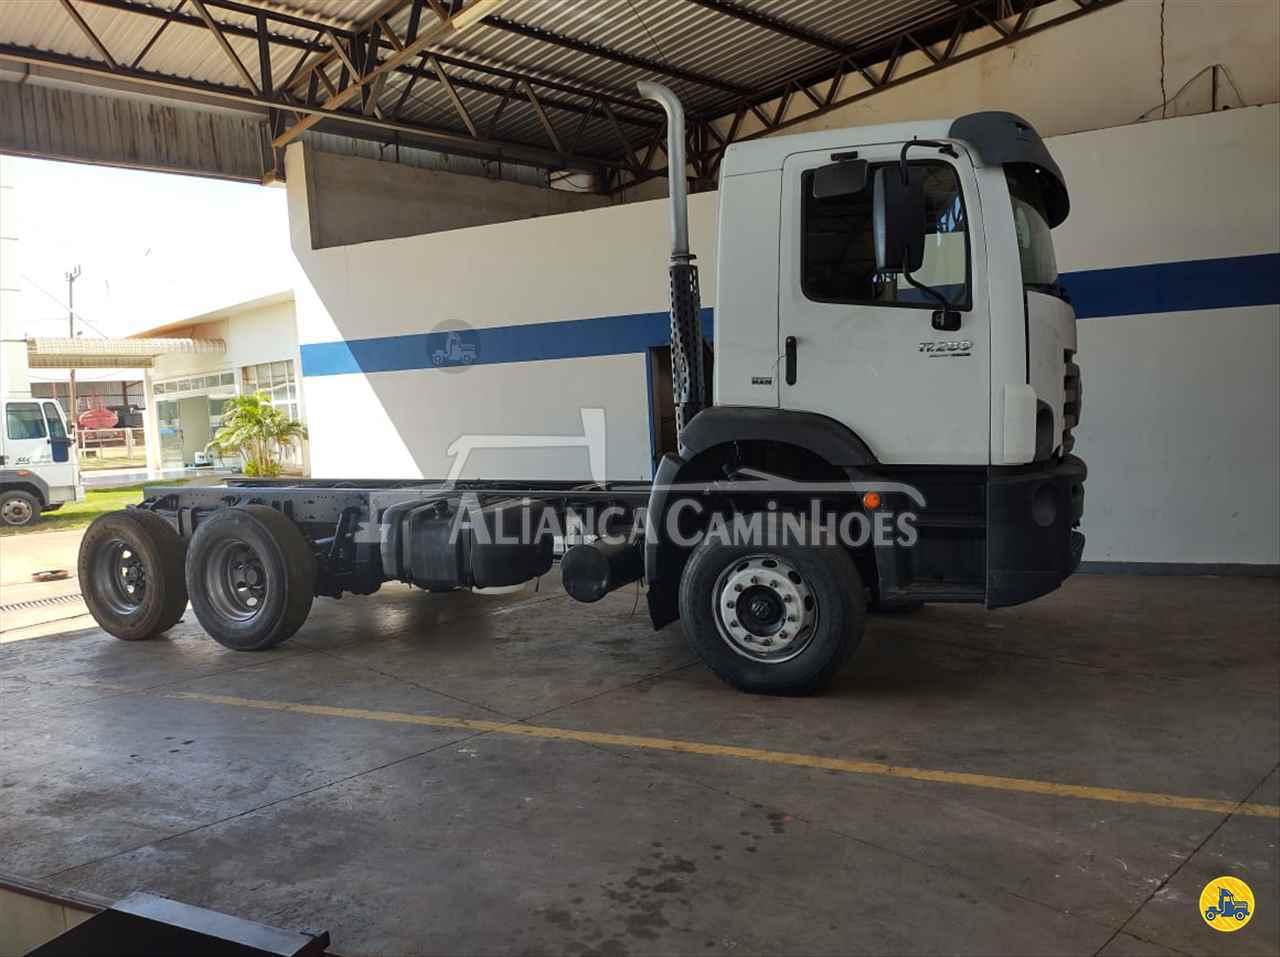 CAMINHAO VOLKSWAGEN VW 17280 Chassis Truck 6x2 Aliança Caminhões LUIS EDUARDO MAGALHAES BAHIA BA